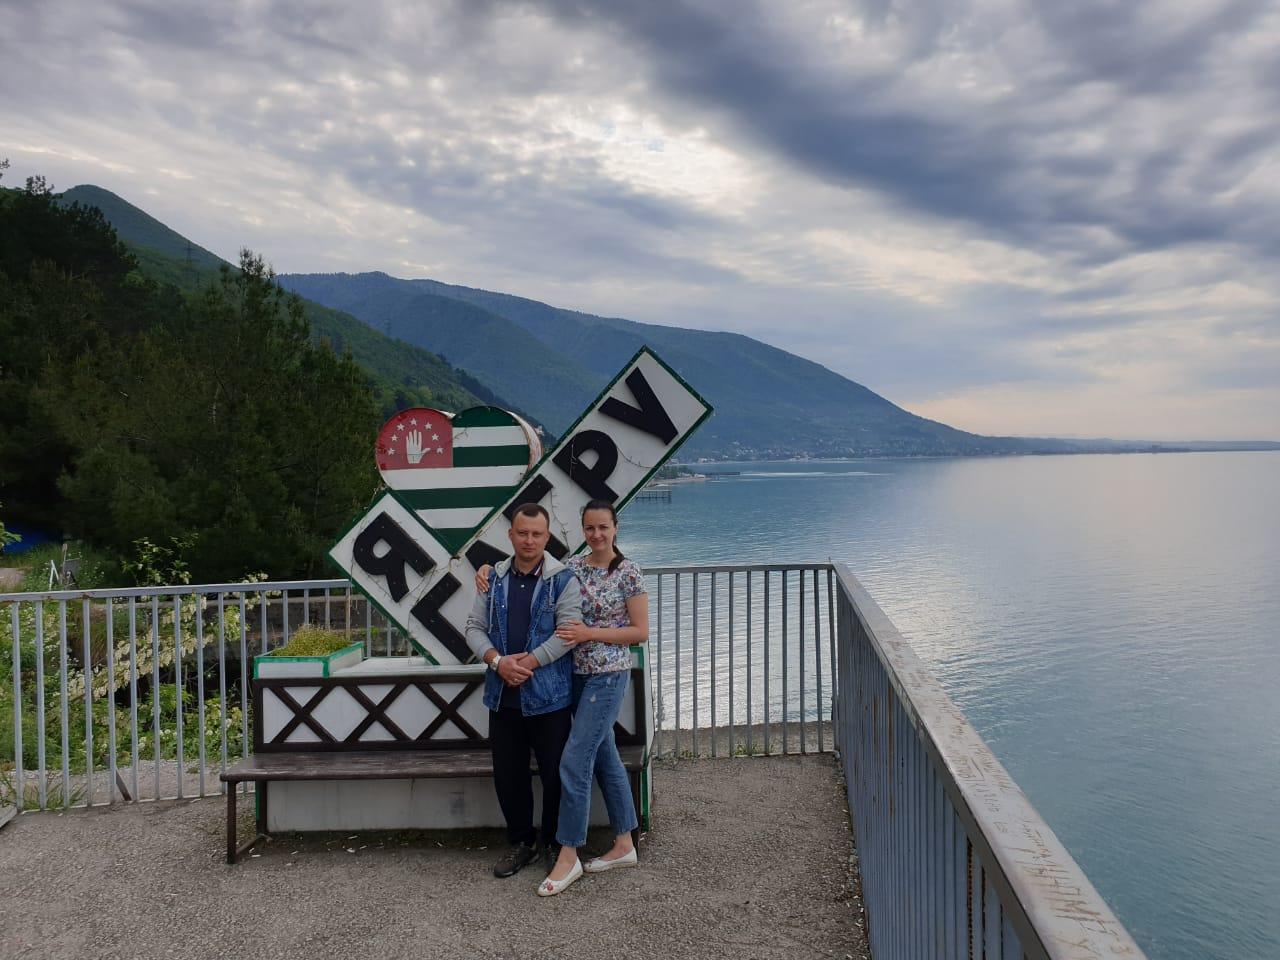 Экскурсия на озеро Рица и Новый Афон 12 мая 2019